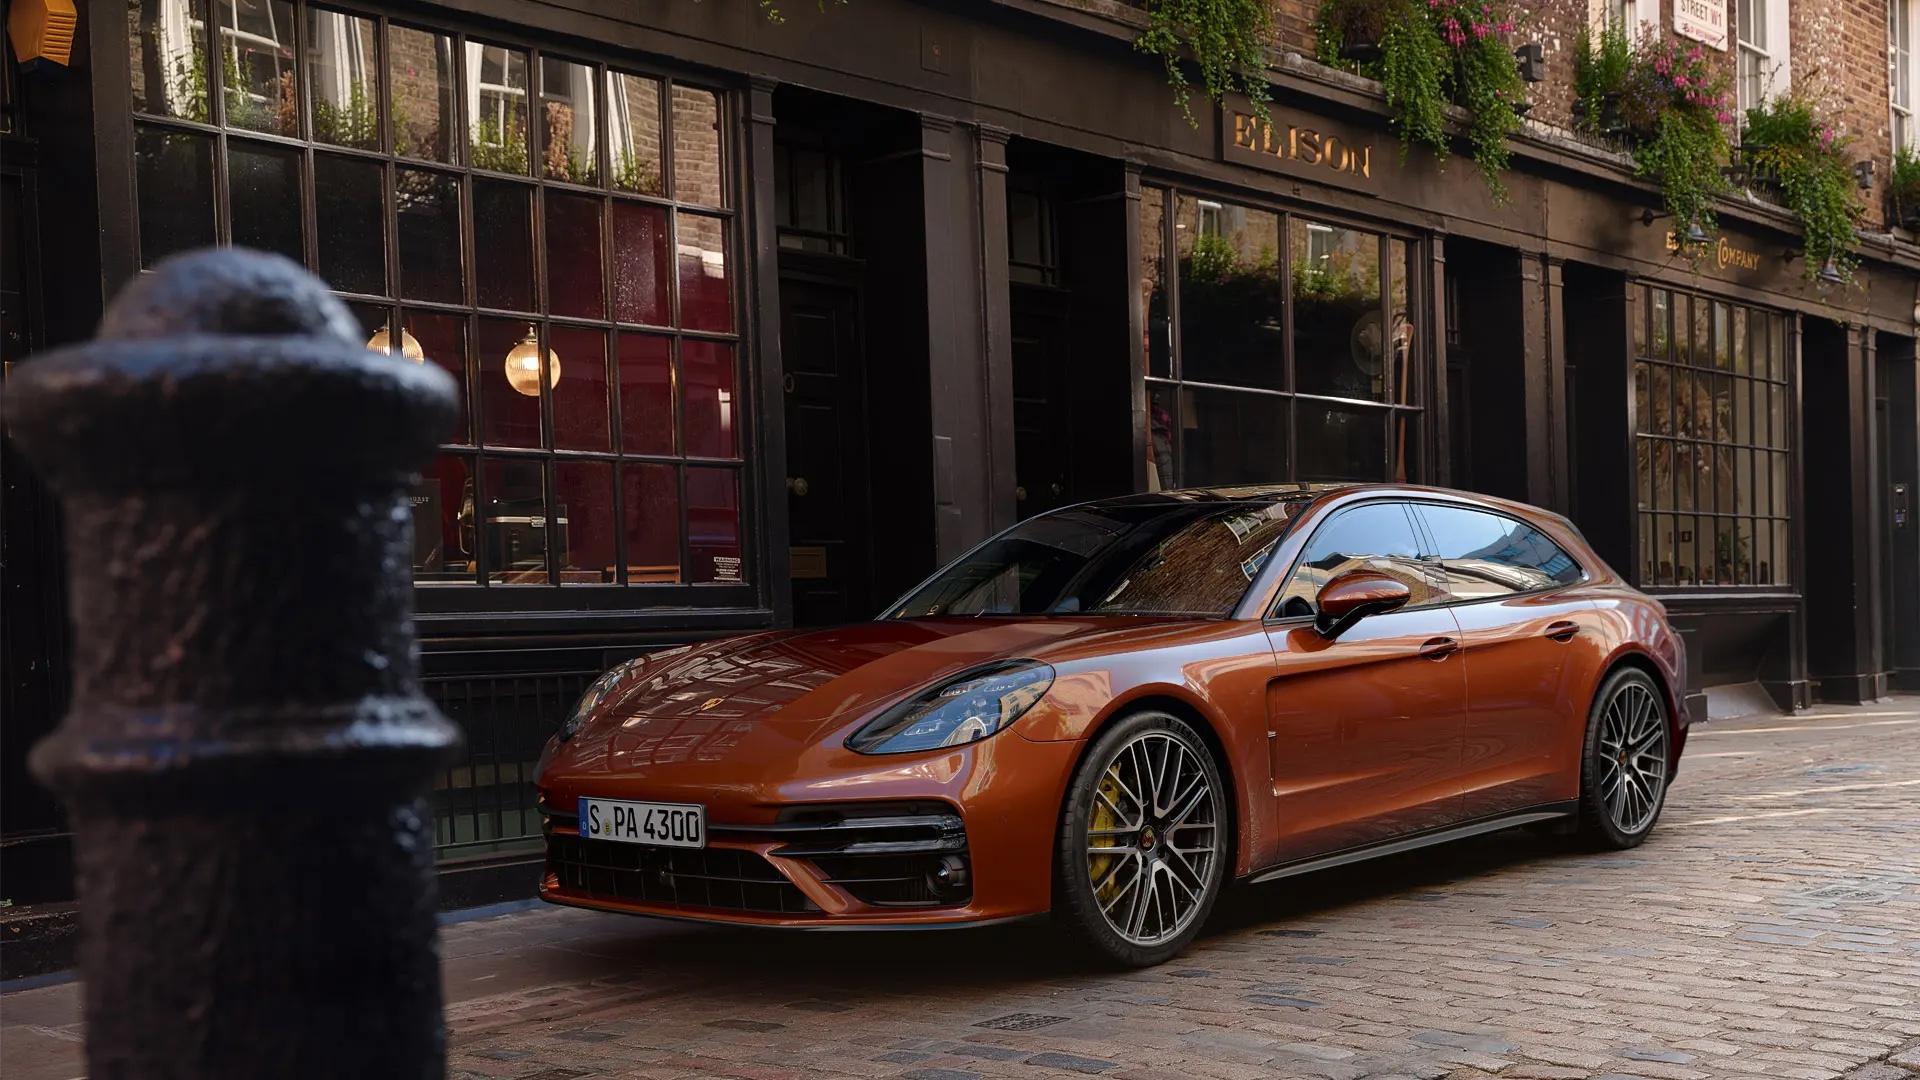 Porsche Panamera pysäköity kapealle kadulle kaupungissa.